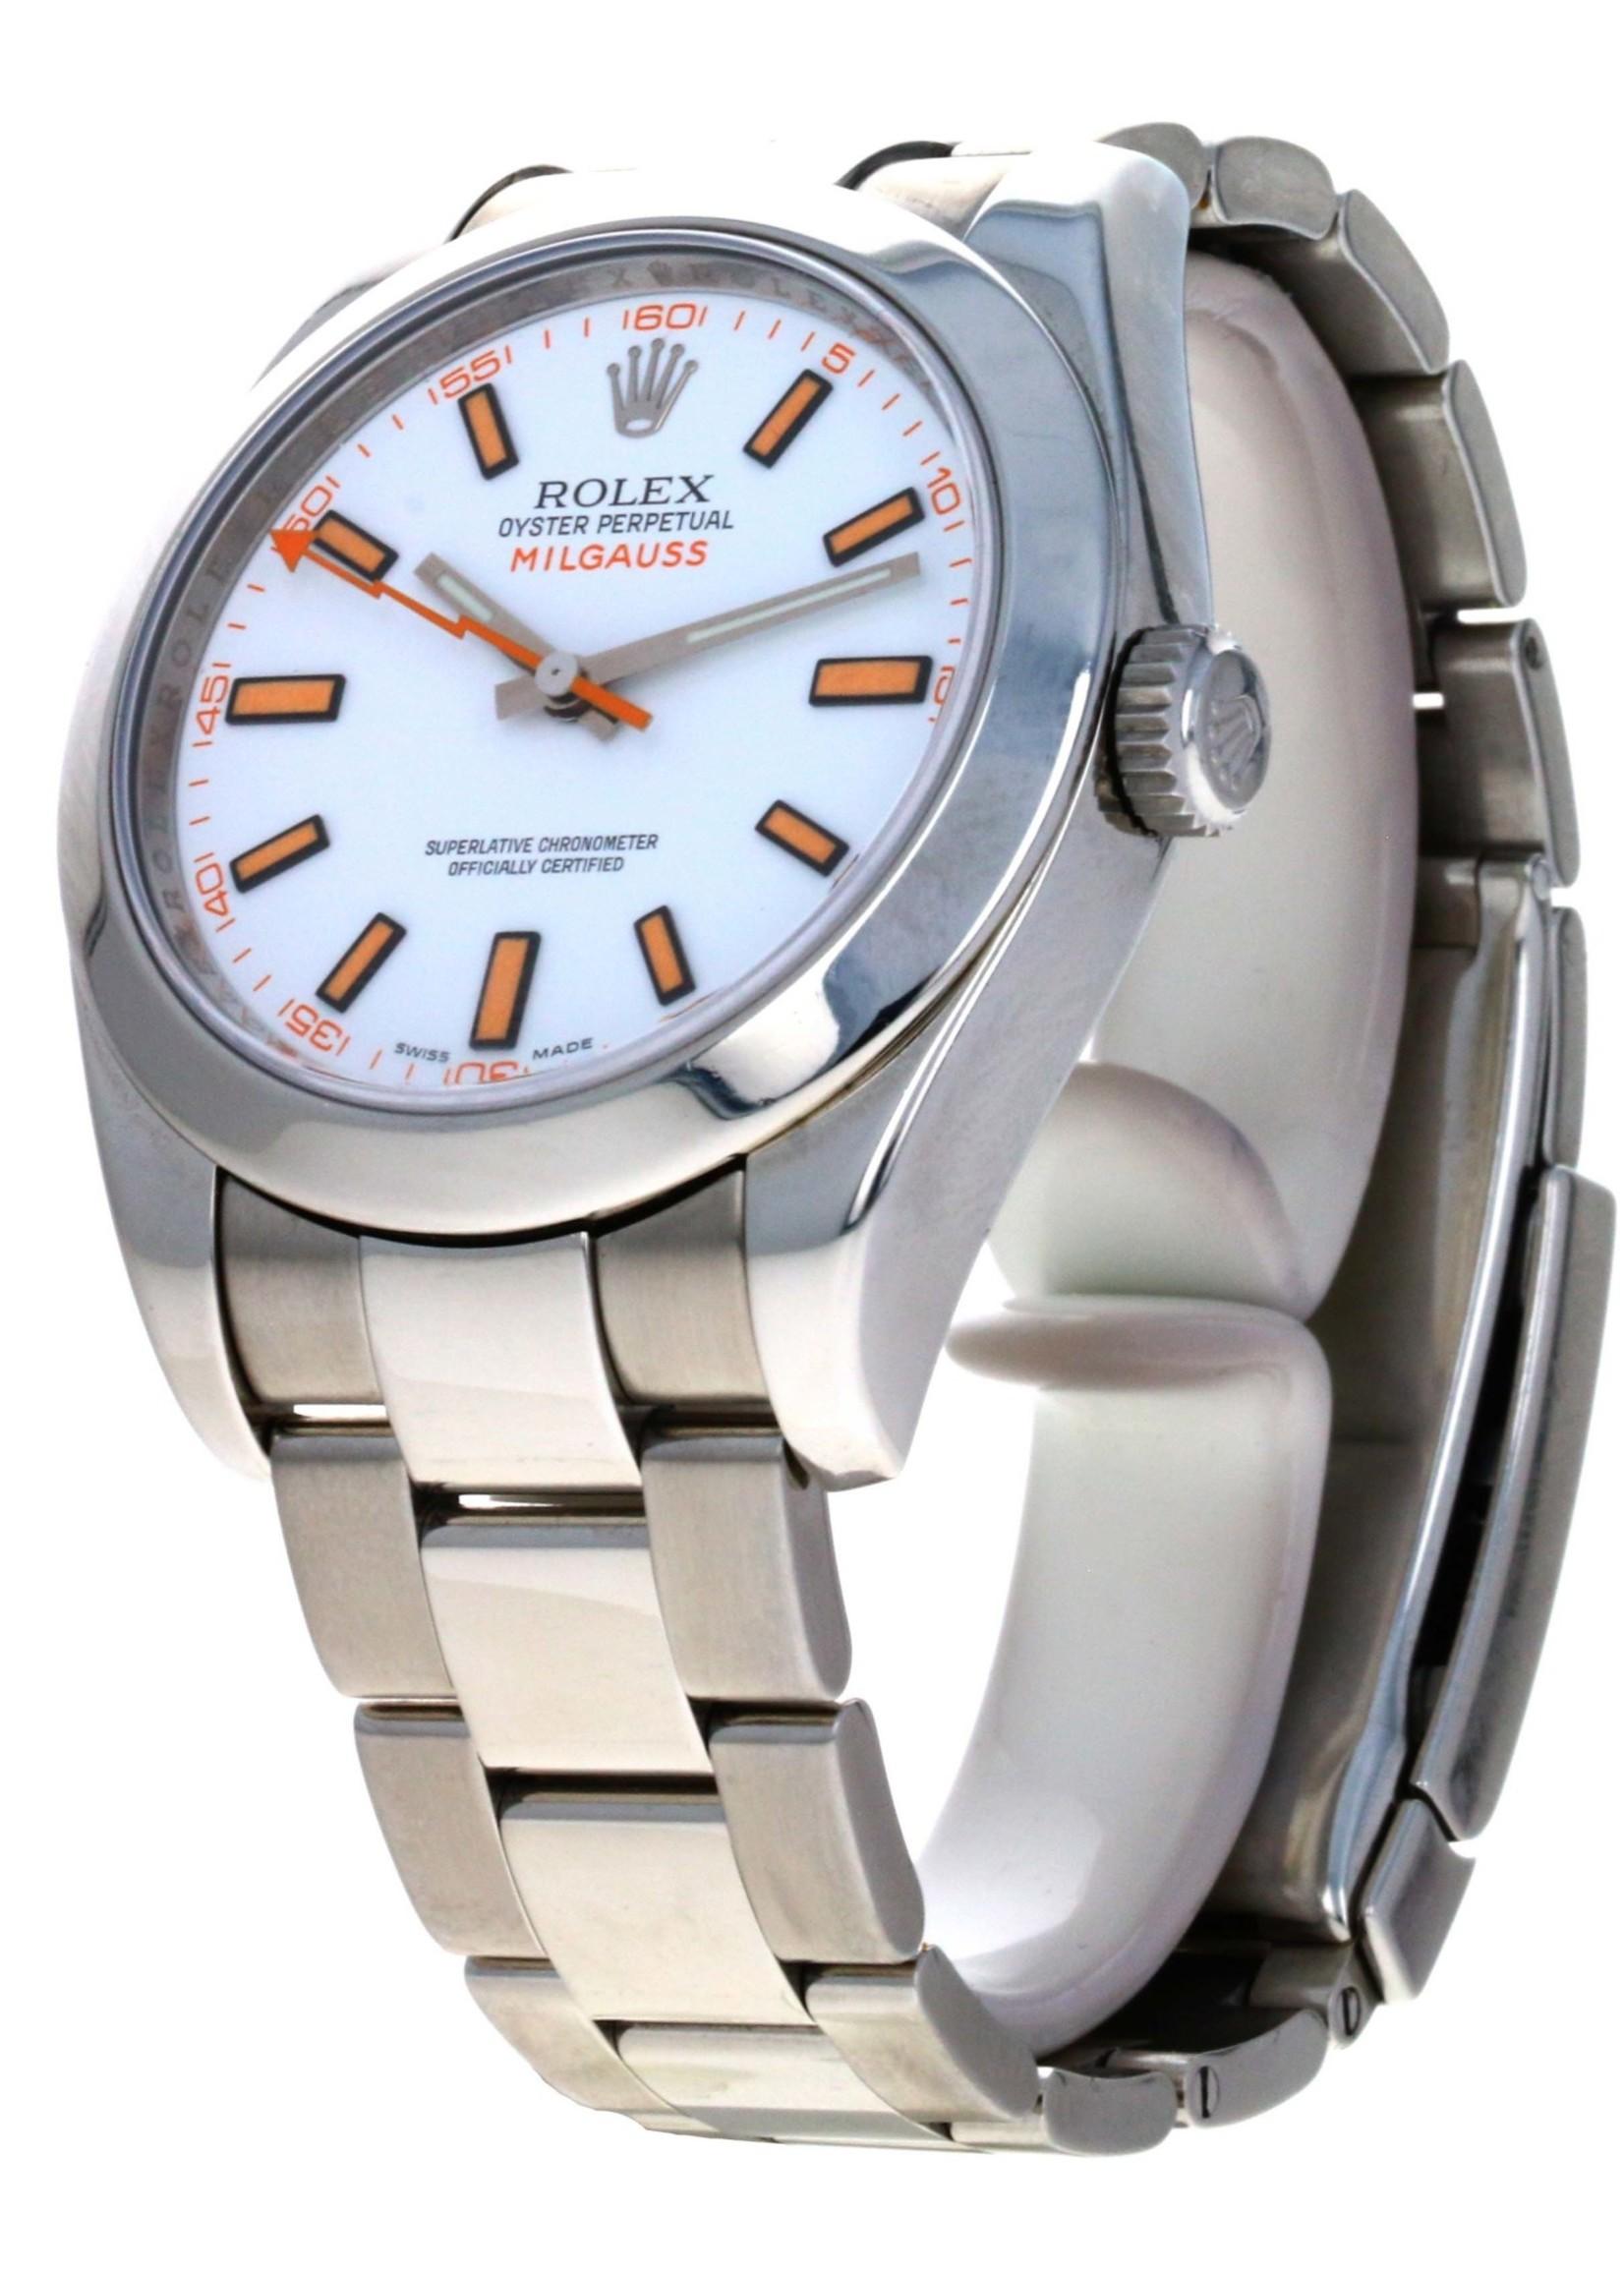 Rolex ROLEX MILGAUSS #116400WSO